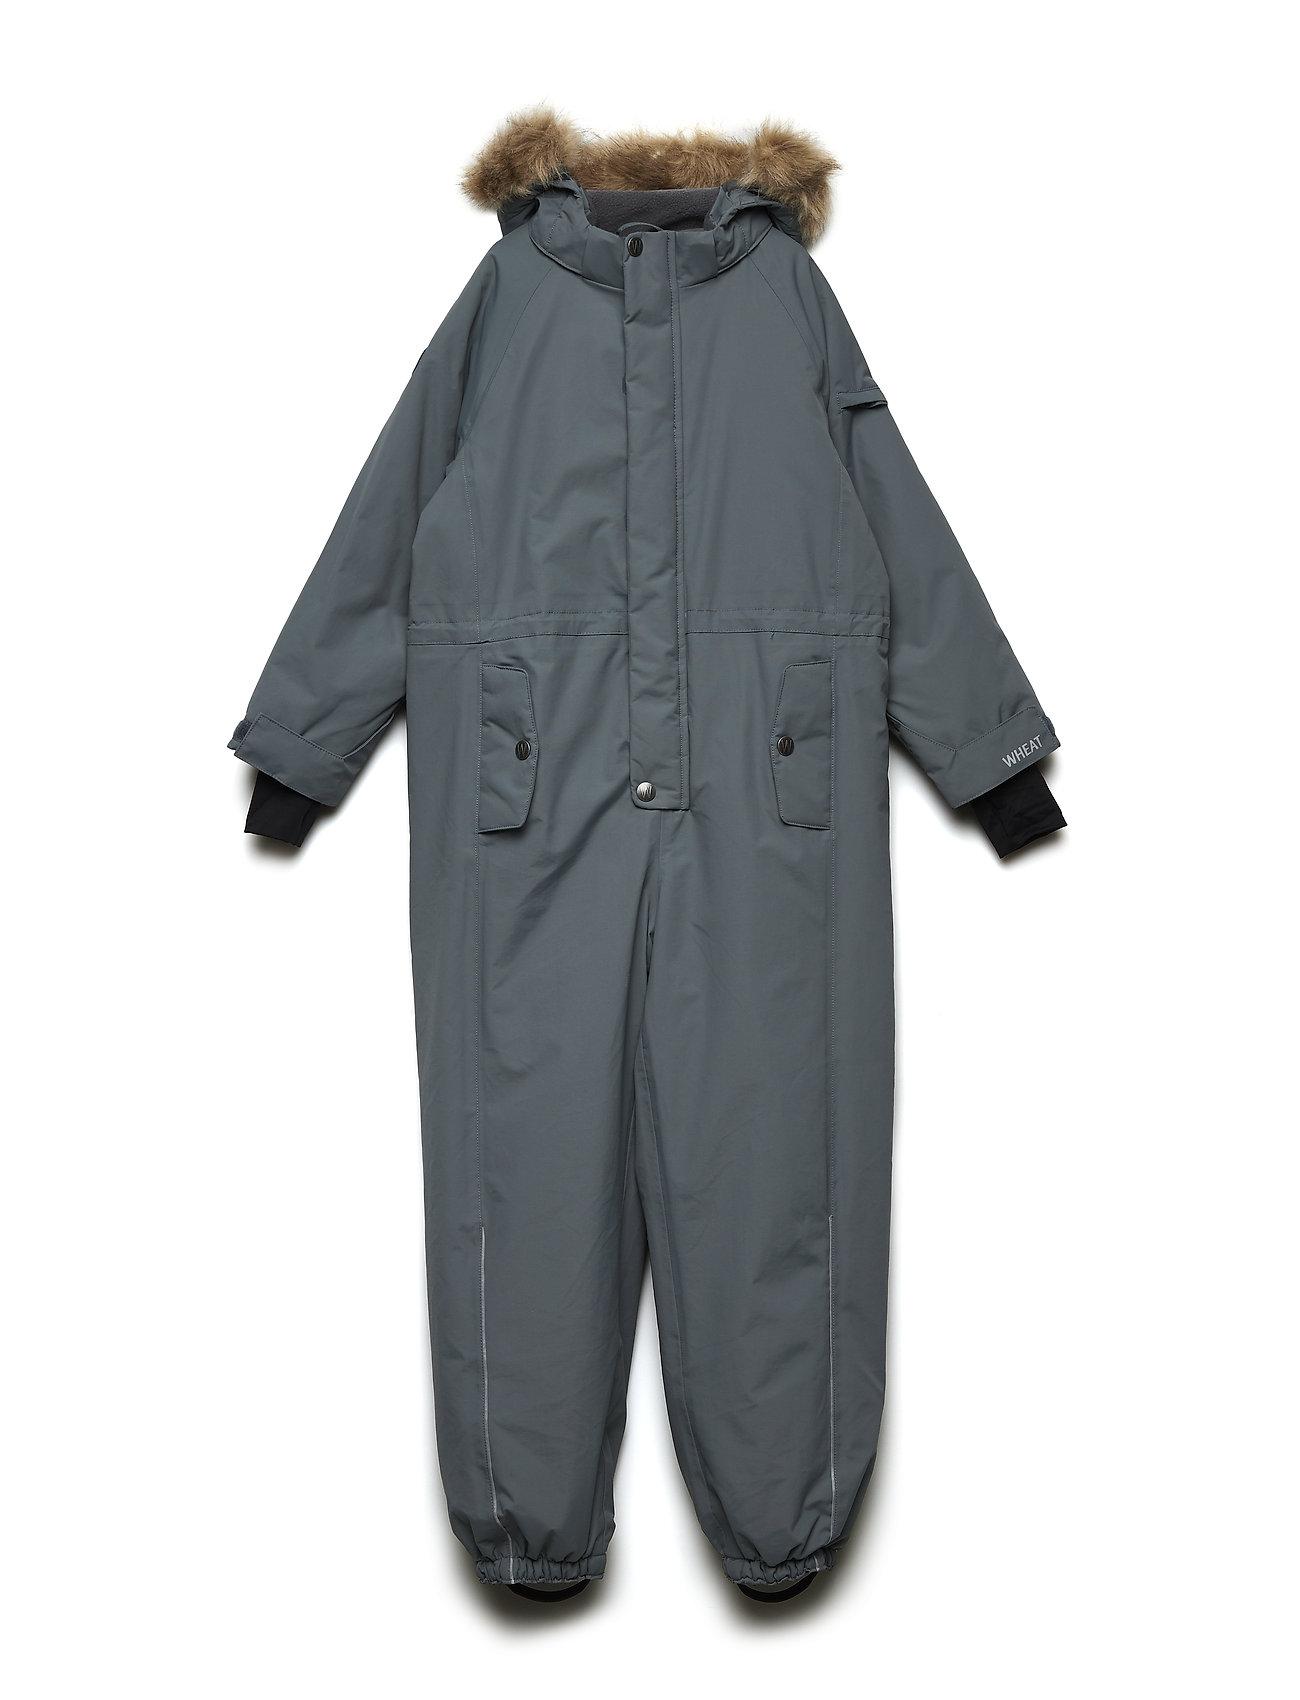 Wheat Snowsuit Miley